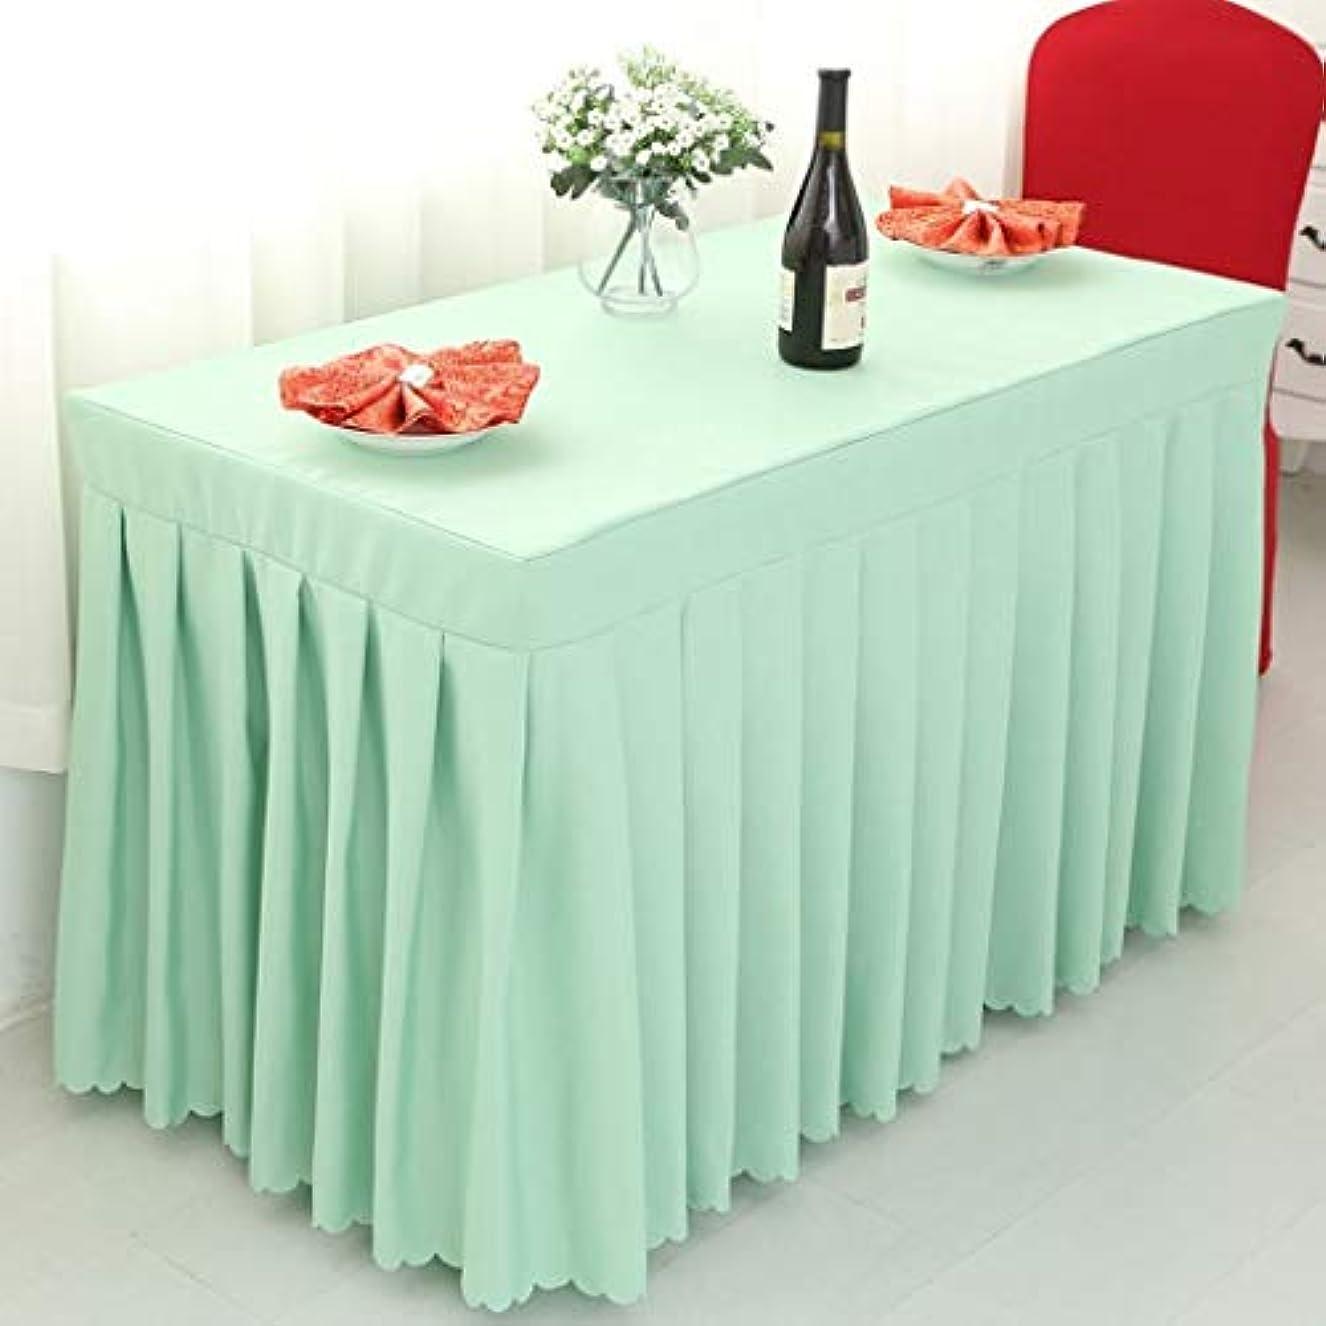 起点電子レンジ伝統Asnvvbhz 表スカートのテーブルclothdホテル会議室の看板 - ピーグリーン (Color : Pea Green, Size : 60*120*75CM)